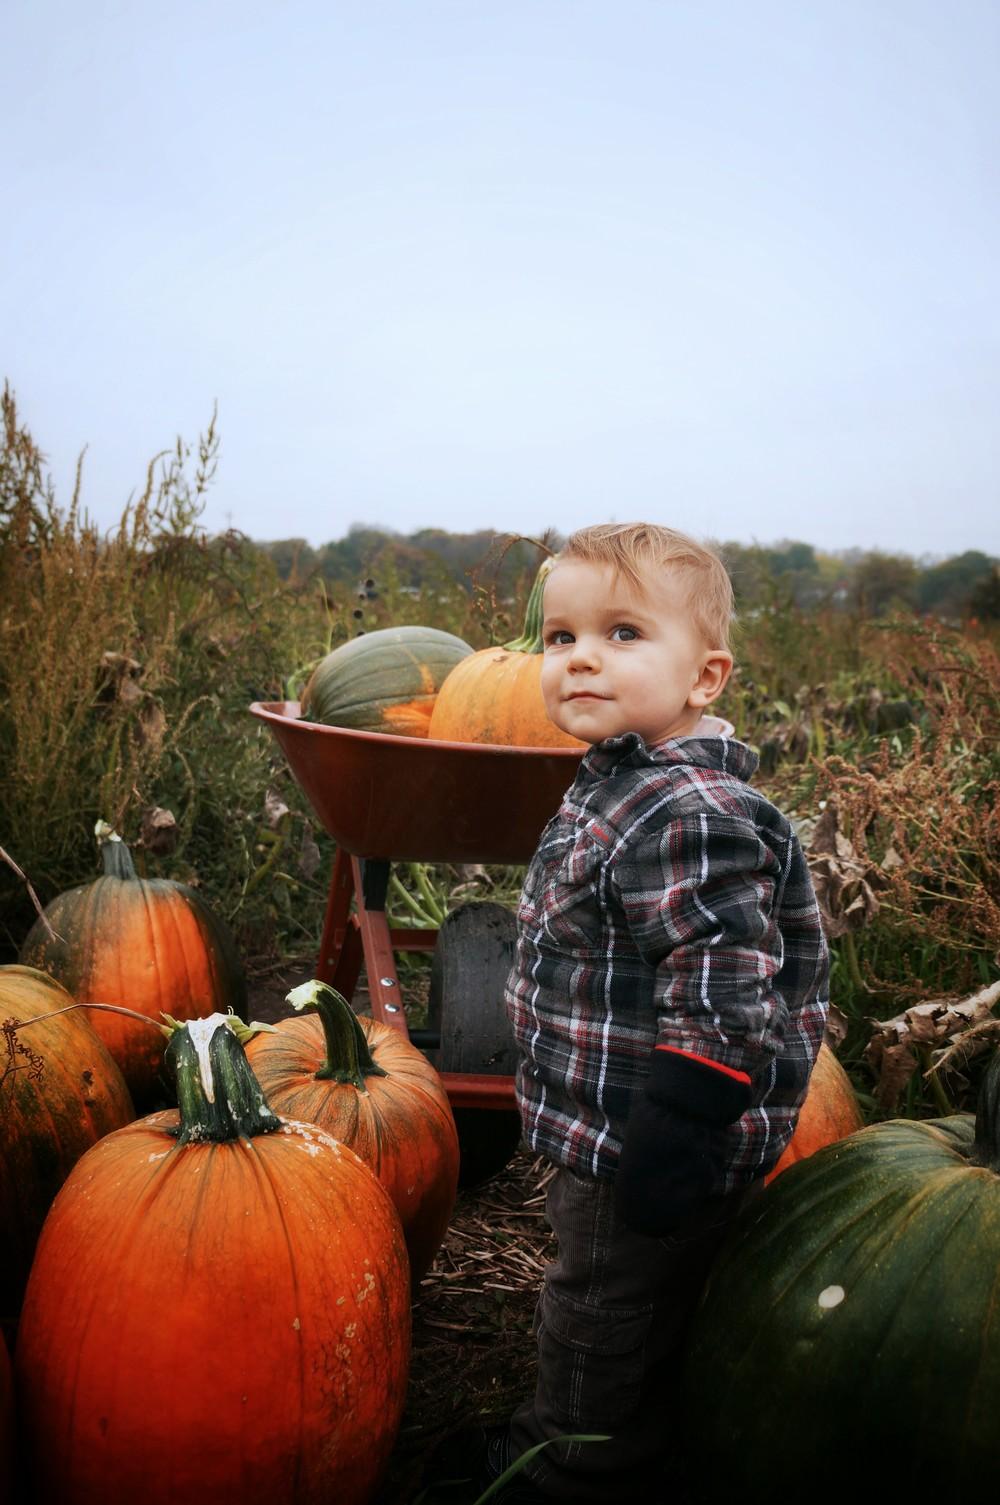 Ryker proud of his pumpkin haul